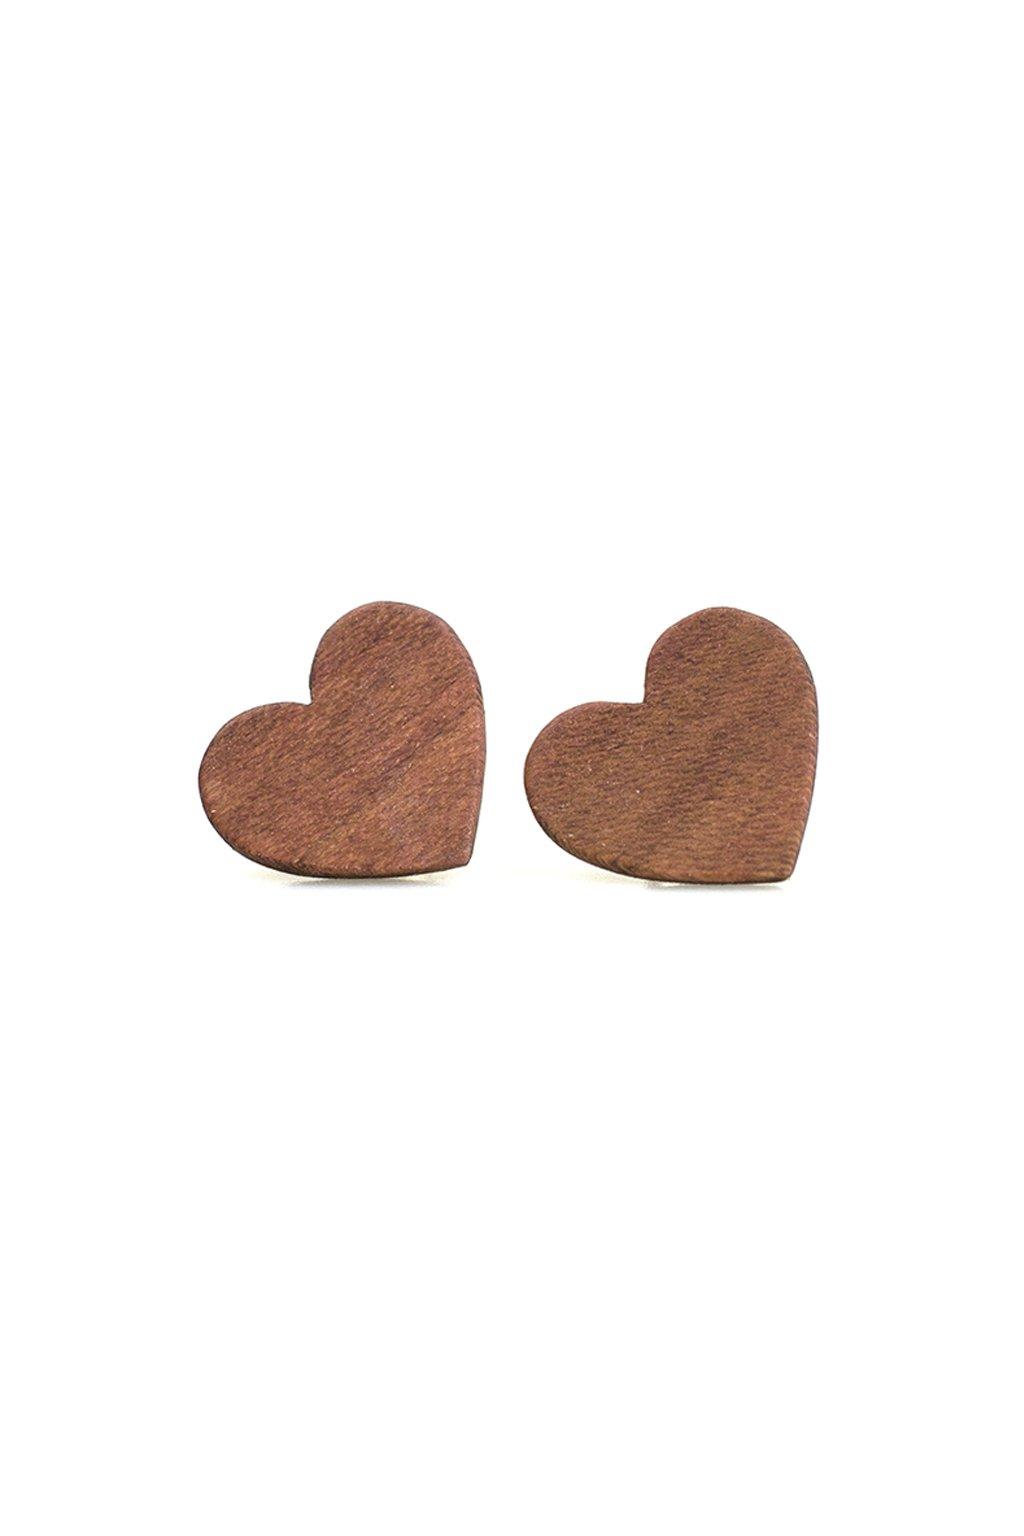 JAATY_drevene-nausnice-laskava-srdce-svestka